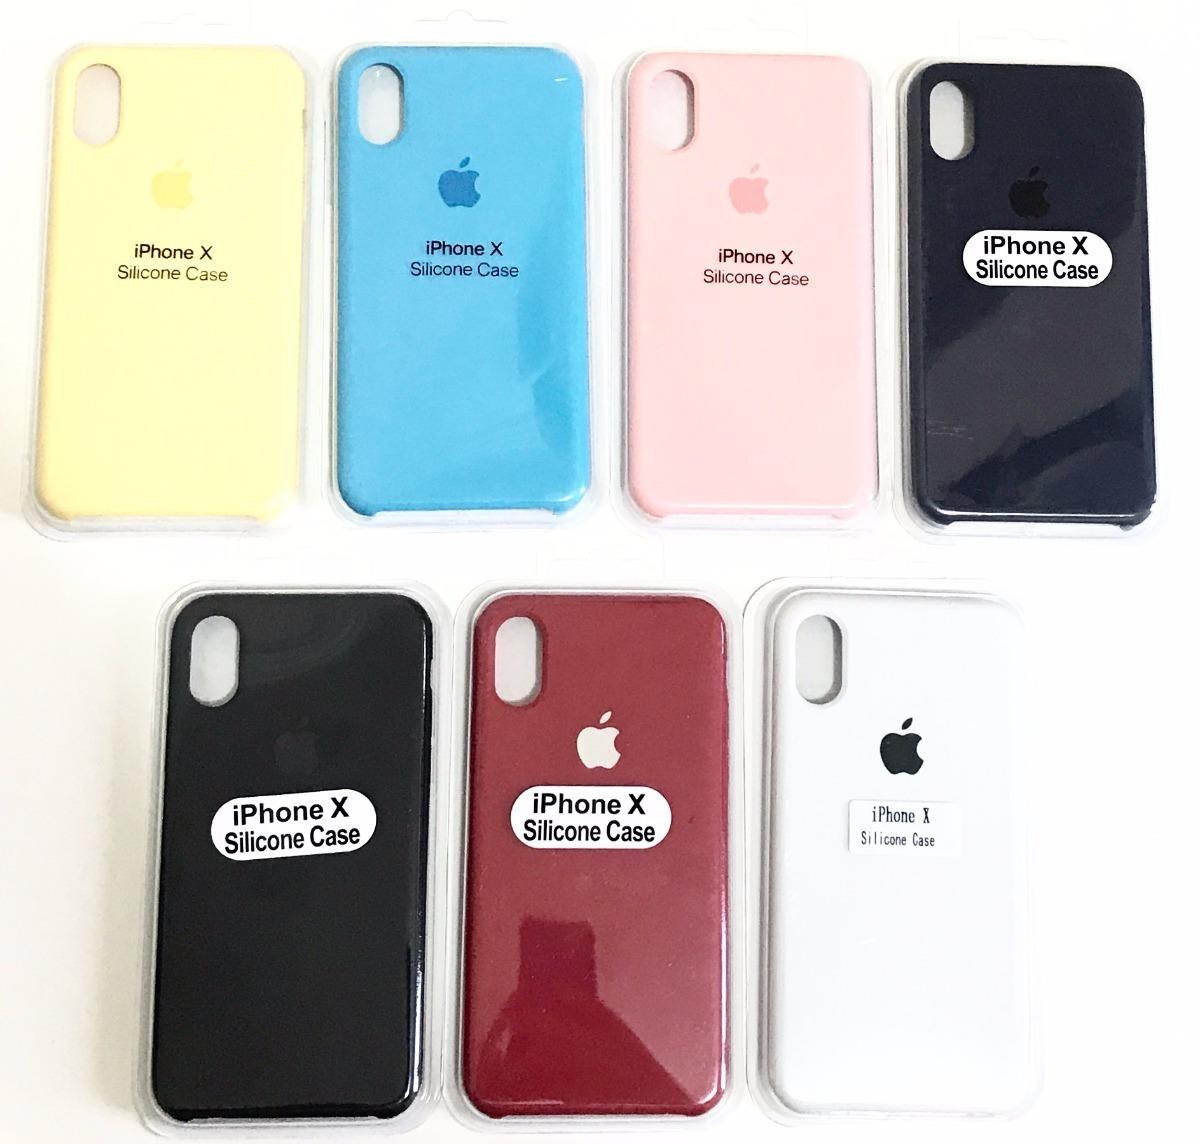 capa capinha case silicone apple iphone x 10 promoção 24 hr. Carregando  zoom. a86cc16e05